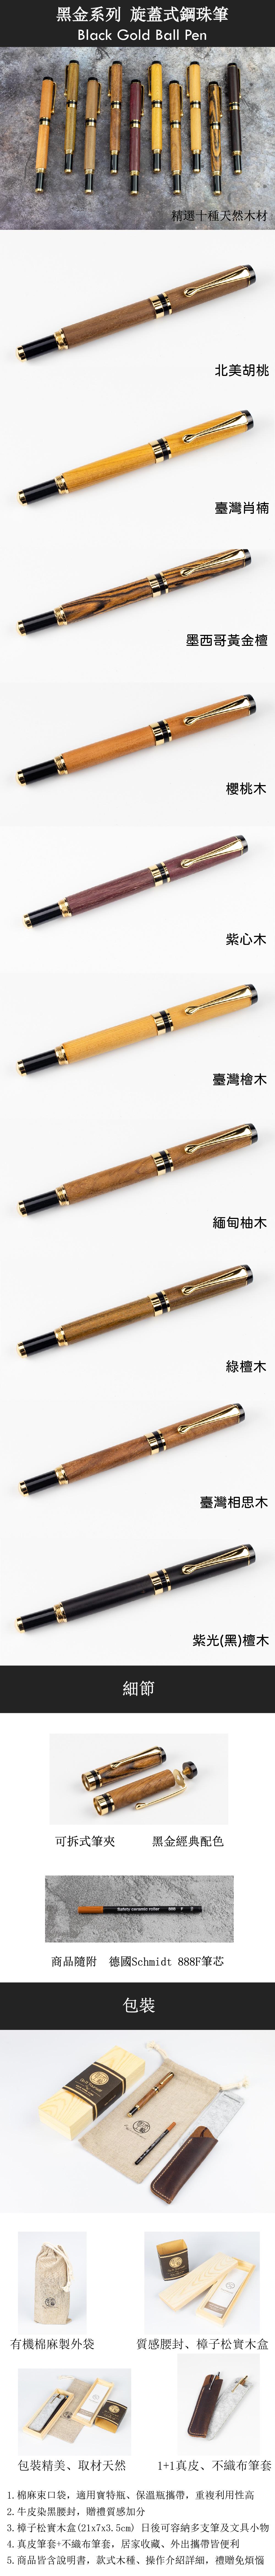 黑金鋼珠筆-01